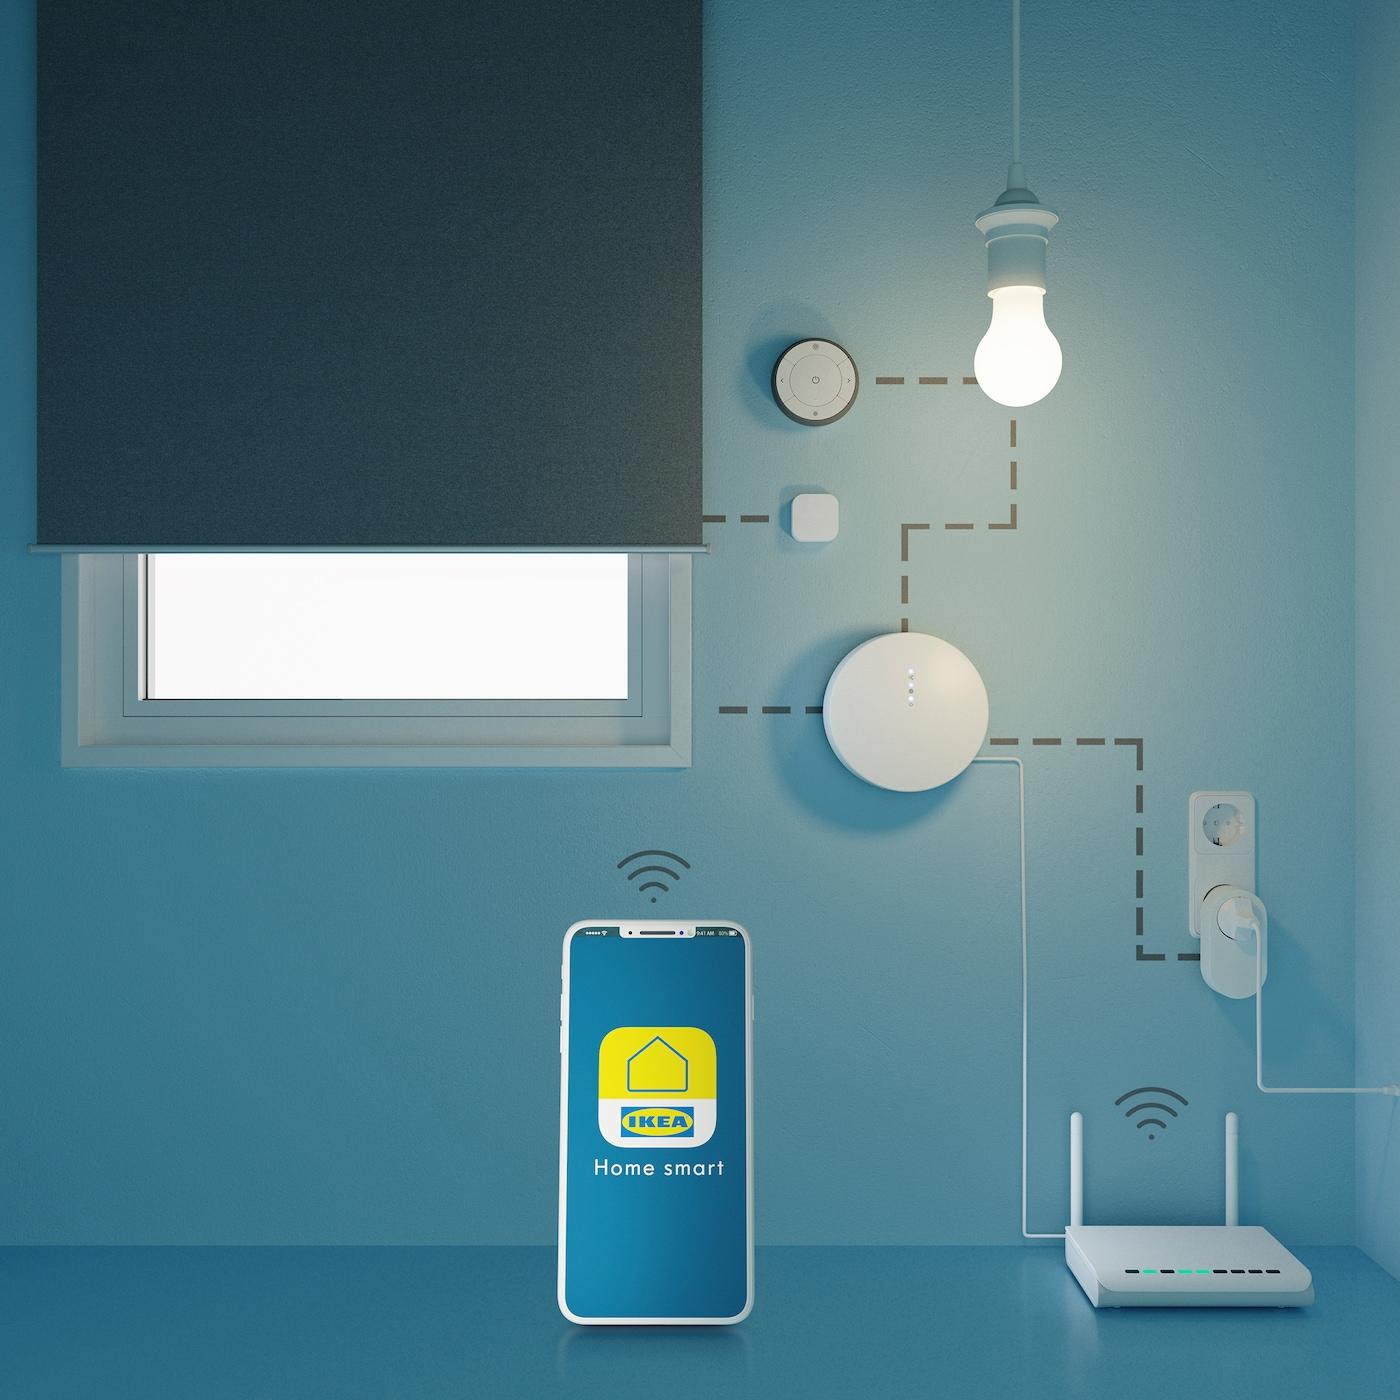 نظرة عامة على التوصيلات في إعدادات تطبيق ايكيا المنزل الذكي.